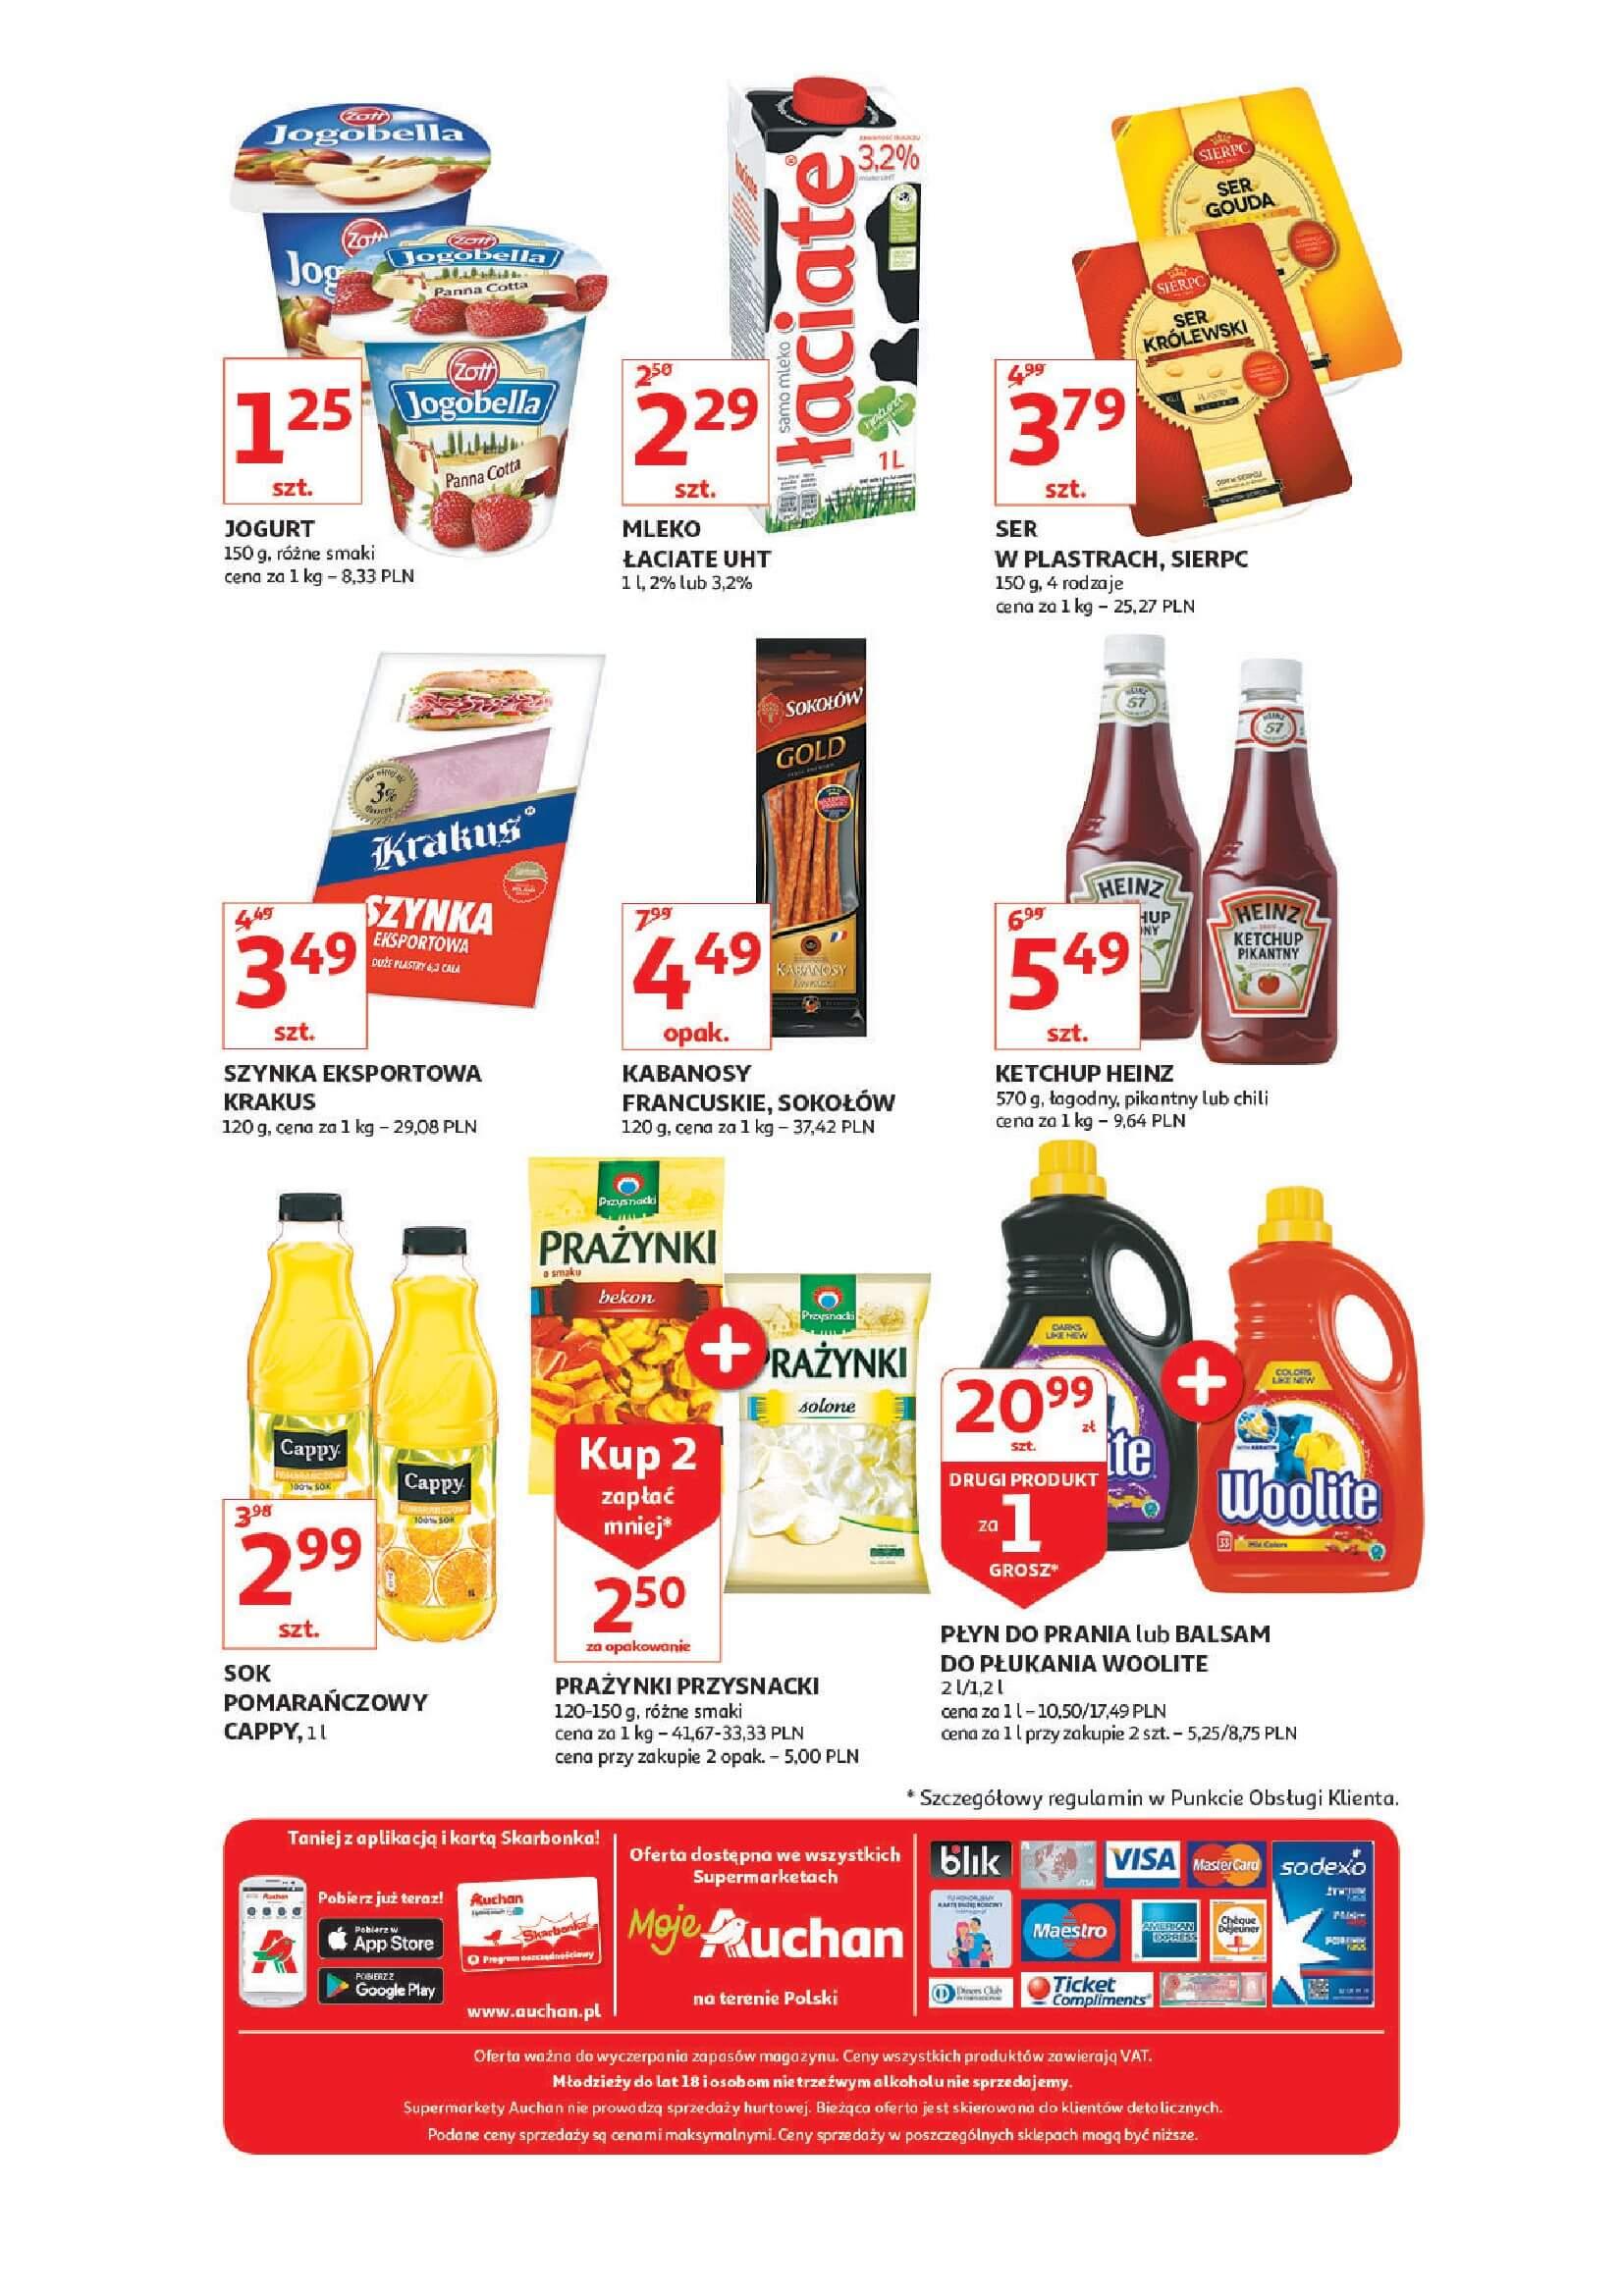 Gazetka Auchan - Moje Auchan-09.01.2019-16.01.2019-page-